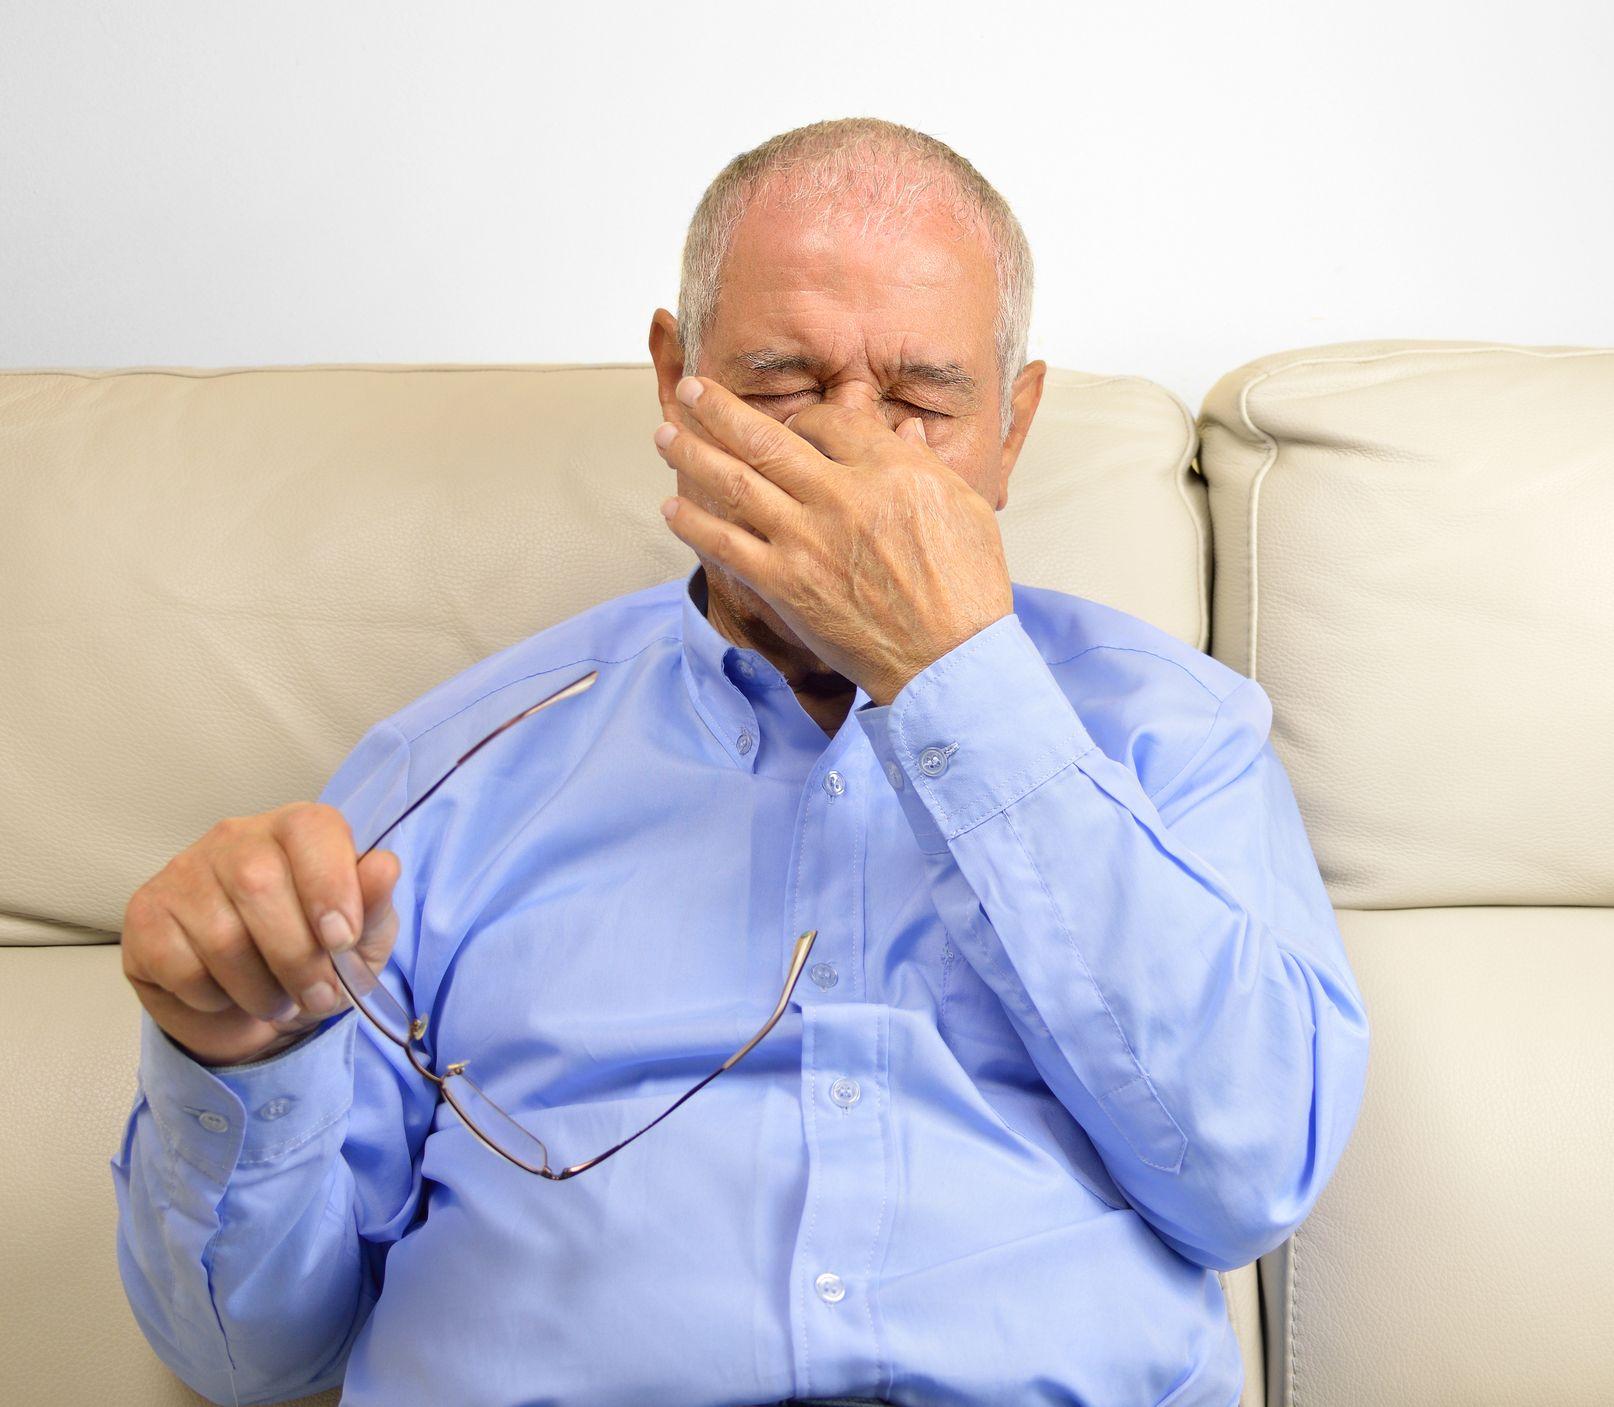 Za opuchnuté oči môže únava, stres, ale aj ochorenia: Ako si s nimi poradiť?